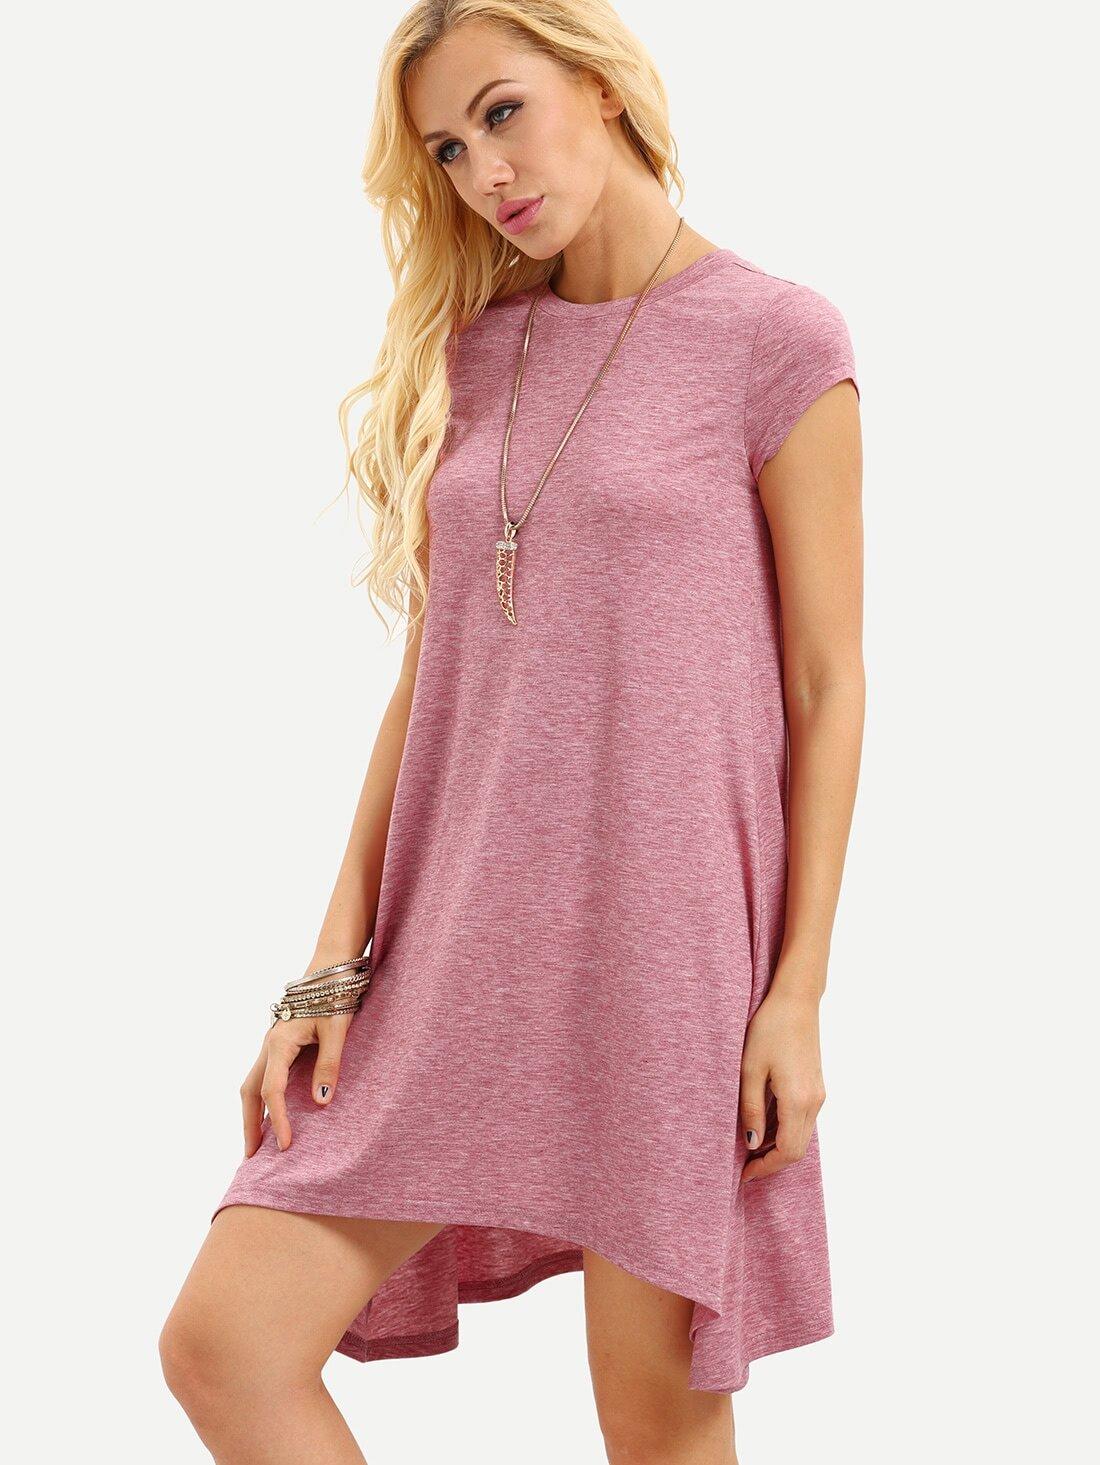 Heather Pink Swing Dress heather knit swing dress